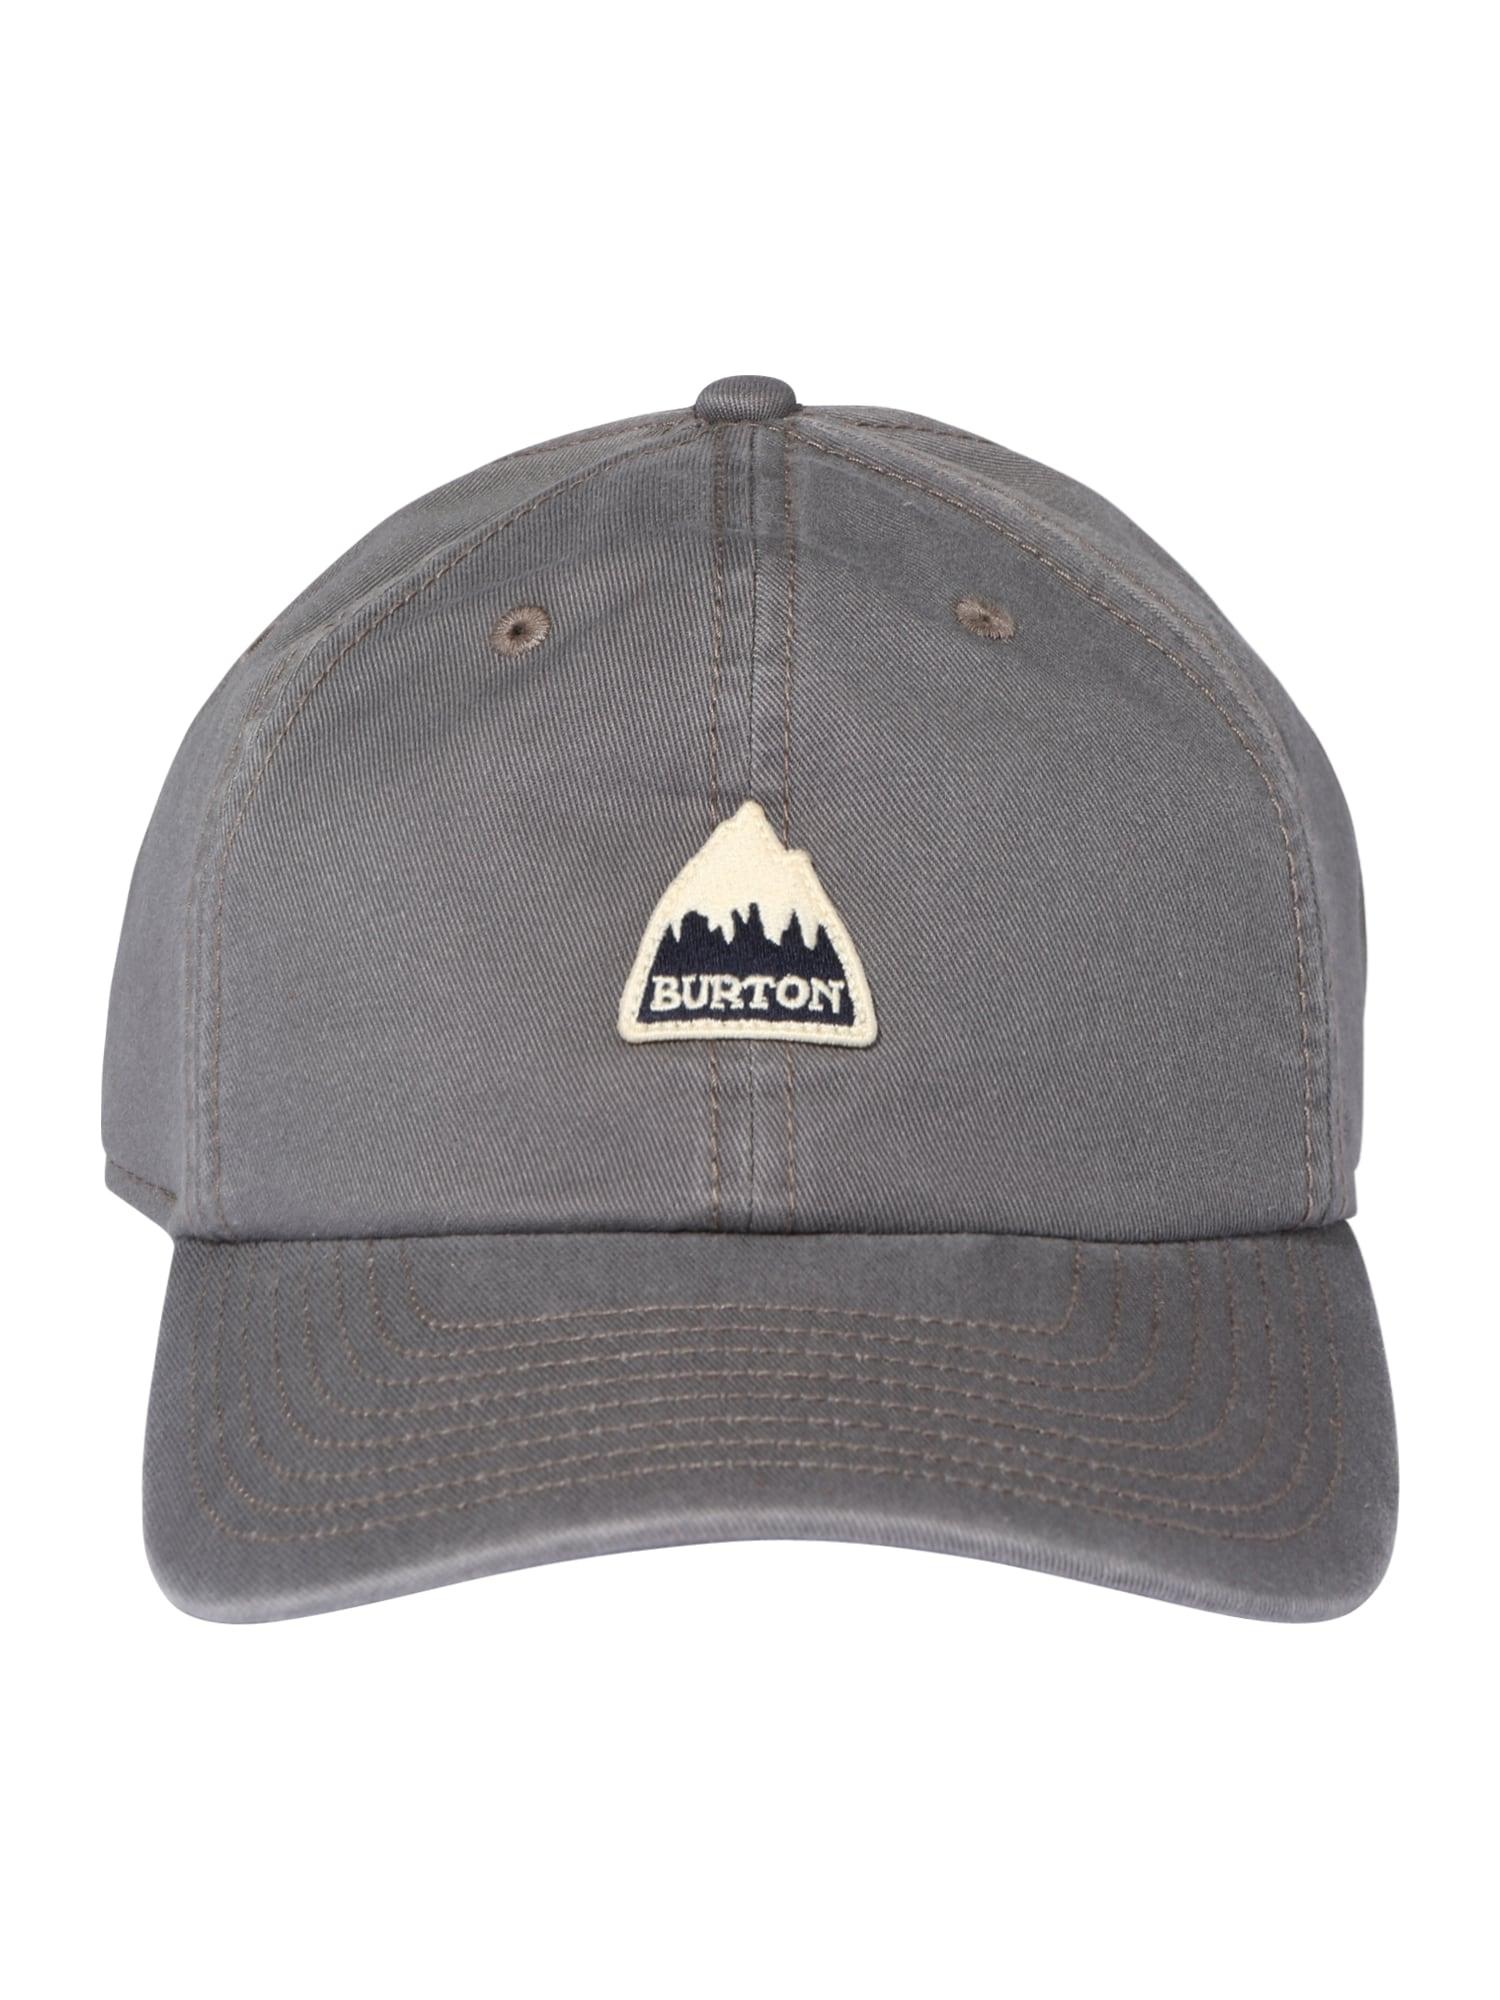 BURTON Sportinė kepurė bazalto pilka / juoda / gelsvai pilka spalva